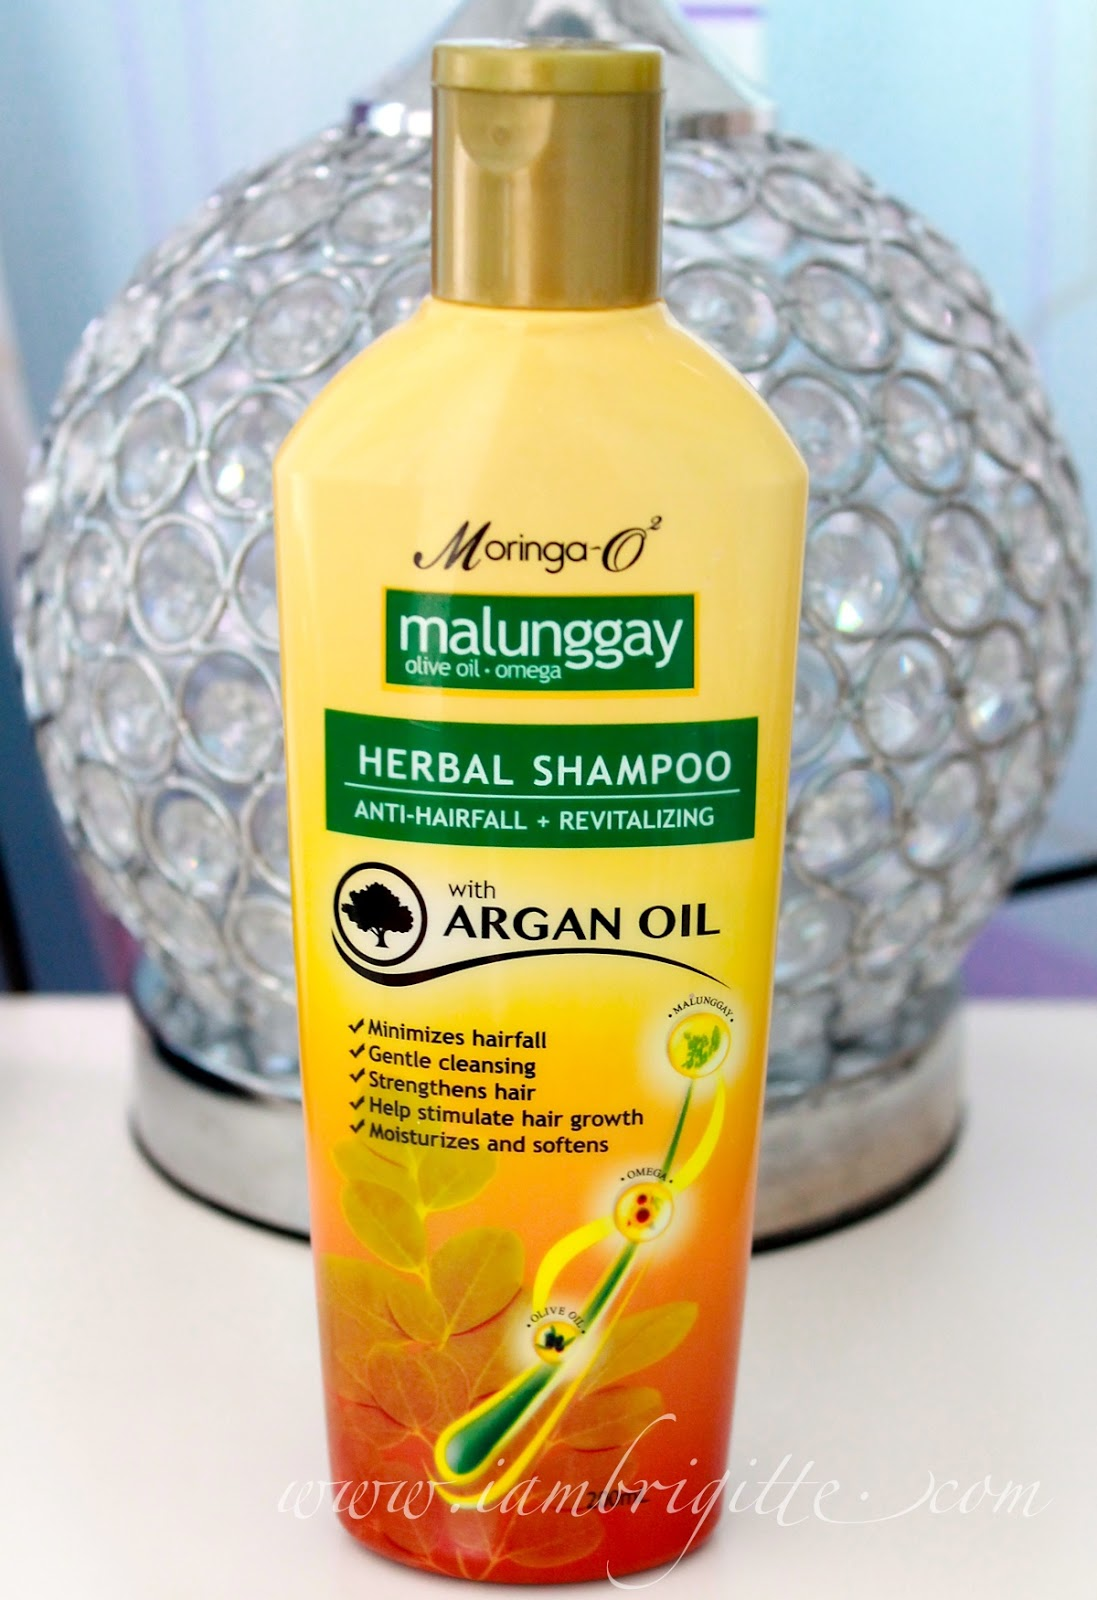 Iambrigitte Malunggay For Your Hair Moringa O Herbal